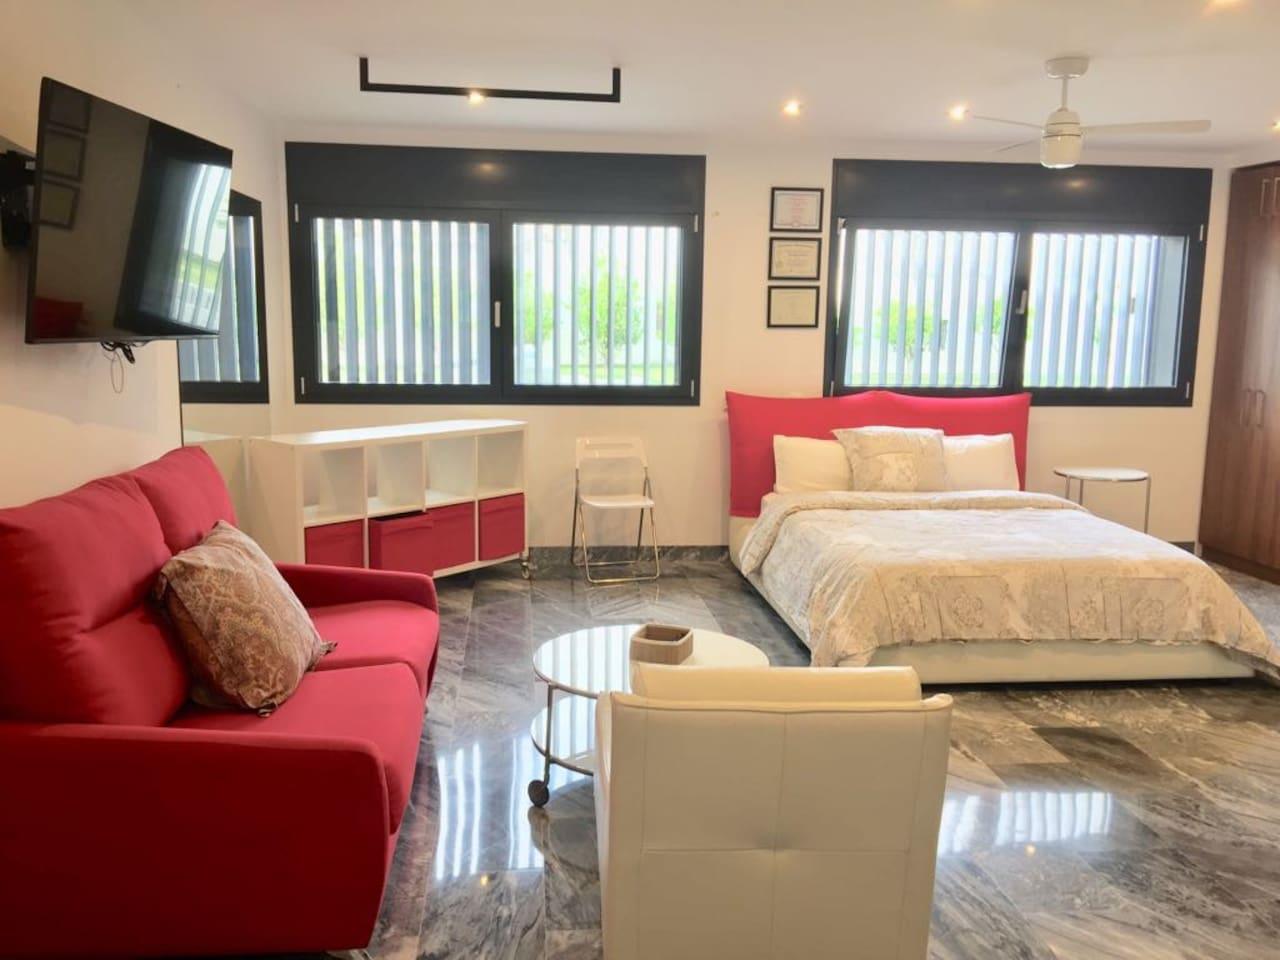 Vista general : Cama, Sofa cama, poltrona y mueble organizador.